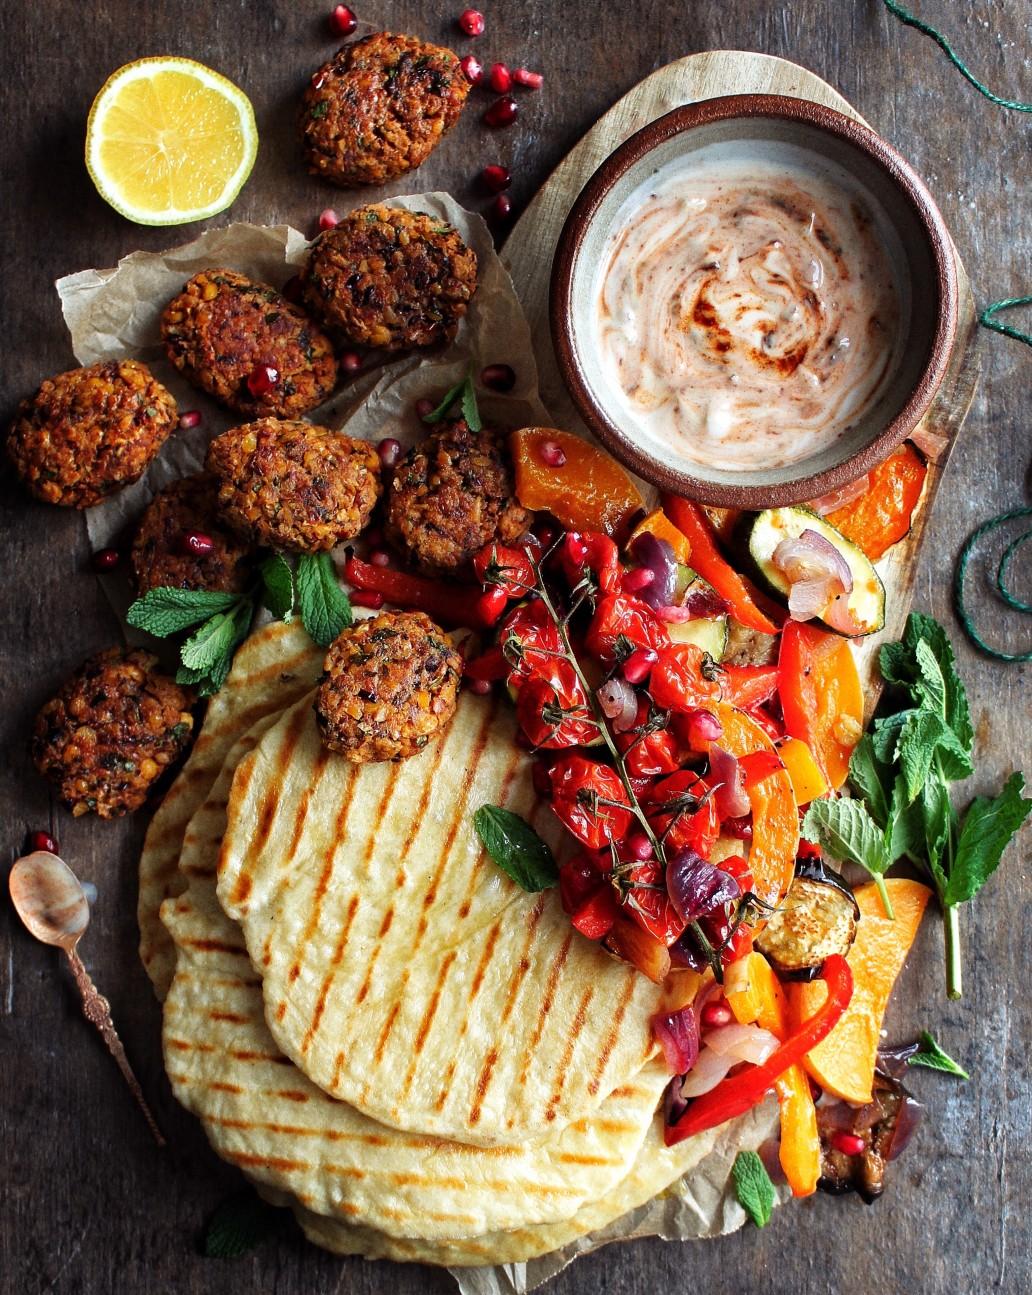 Avant Garde Vegan Recipes Vegan Food Vegan Recipes